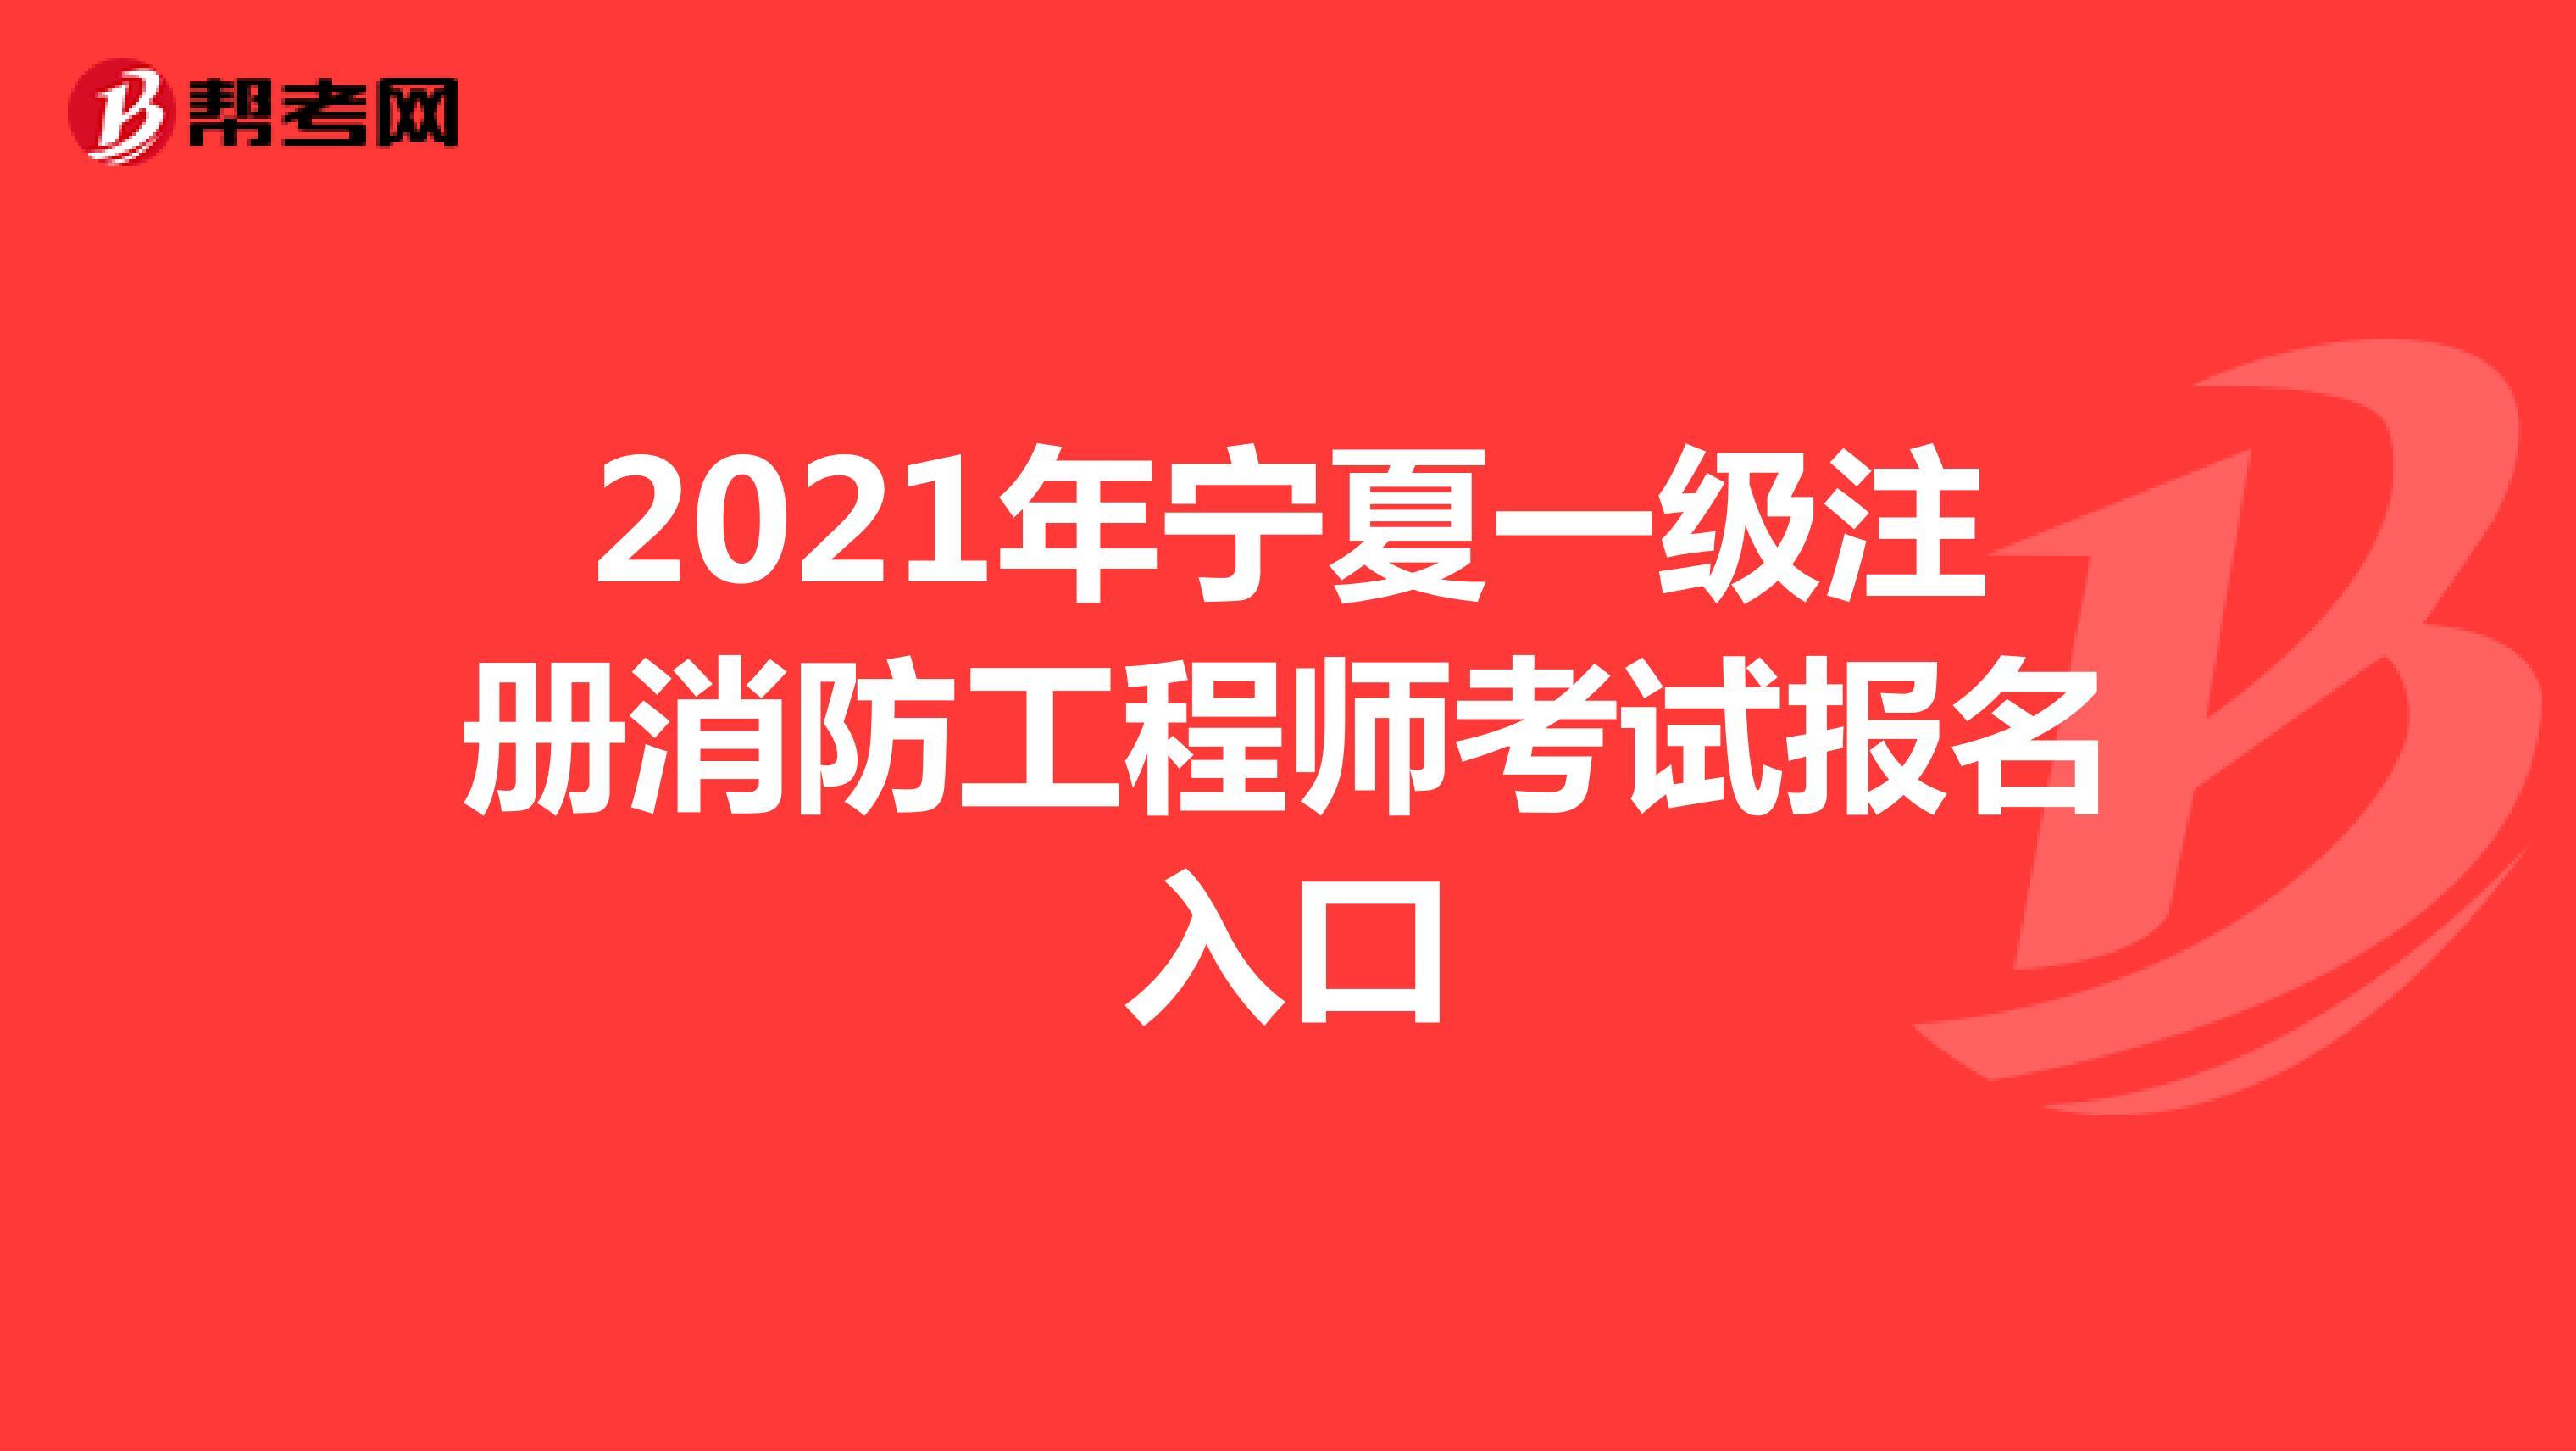 2021年宁夏一级注册消防工程师考试报名入口